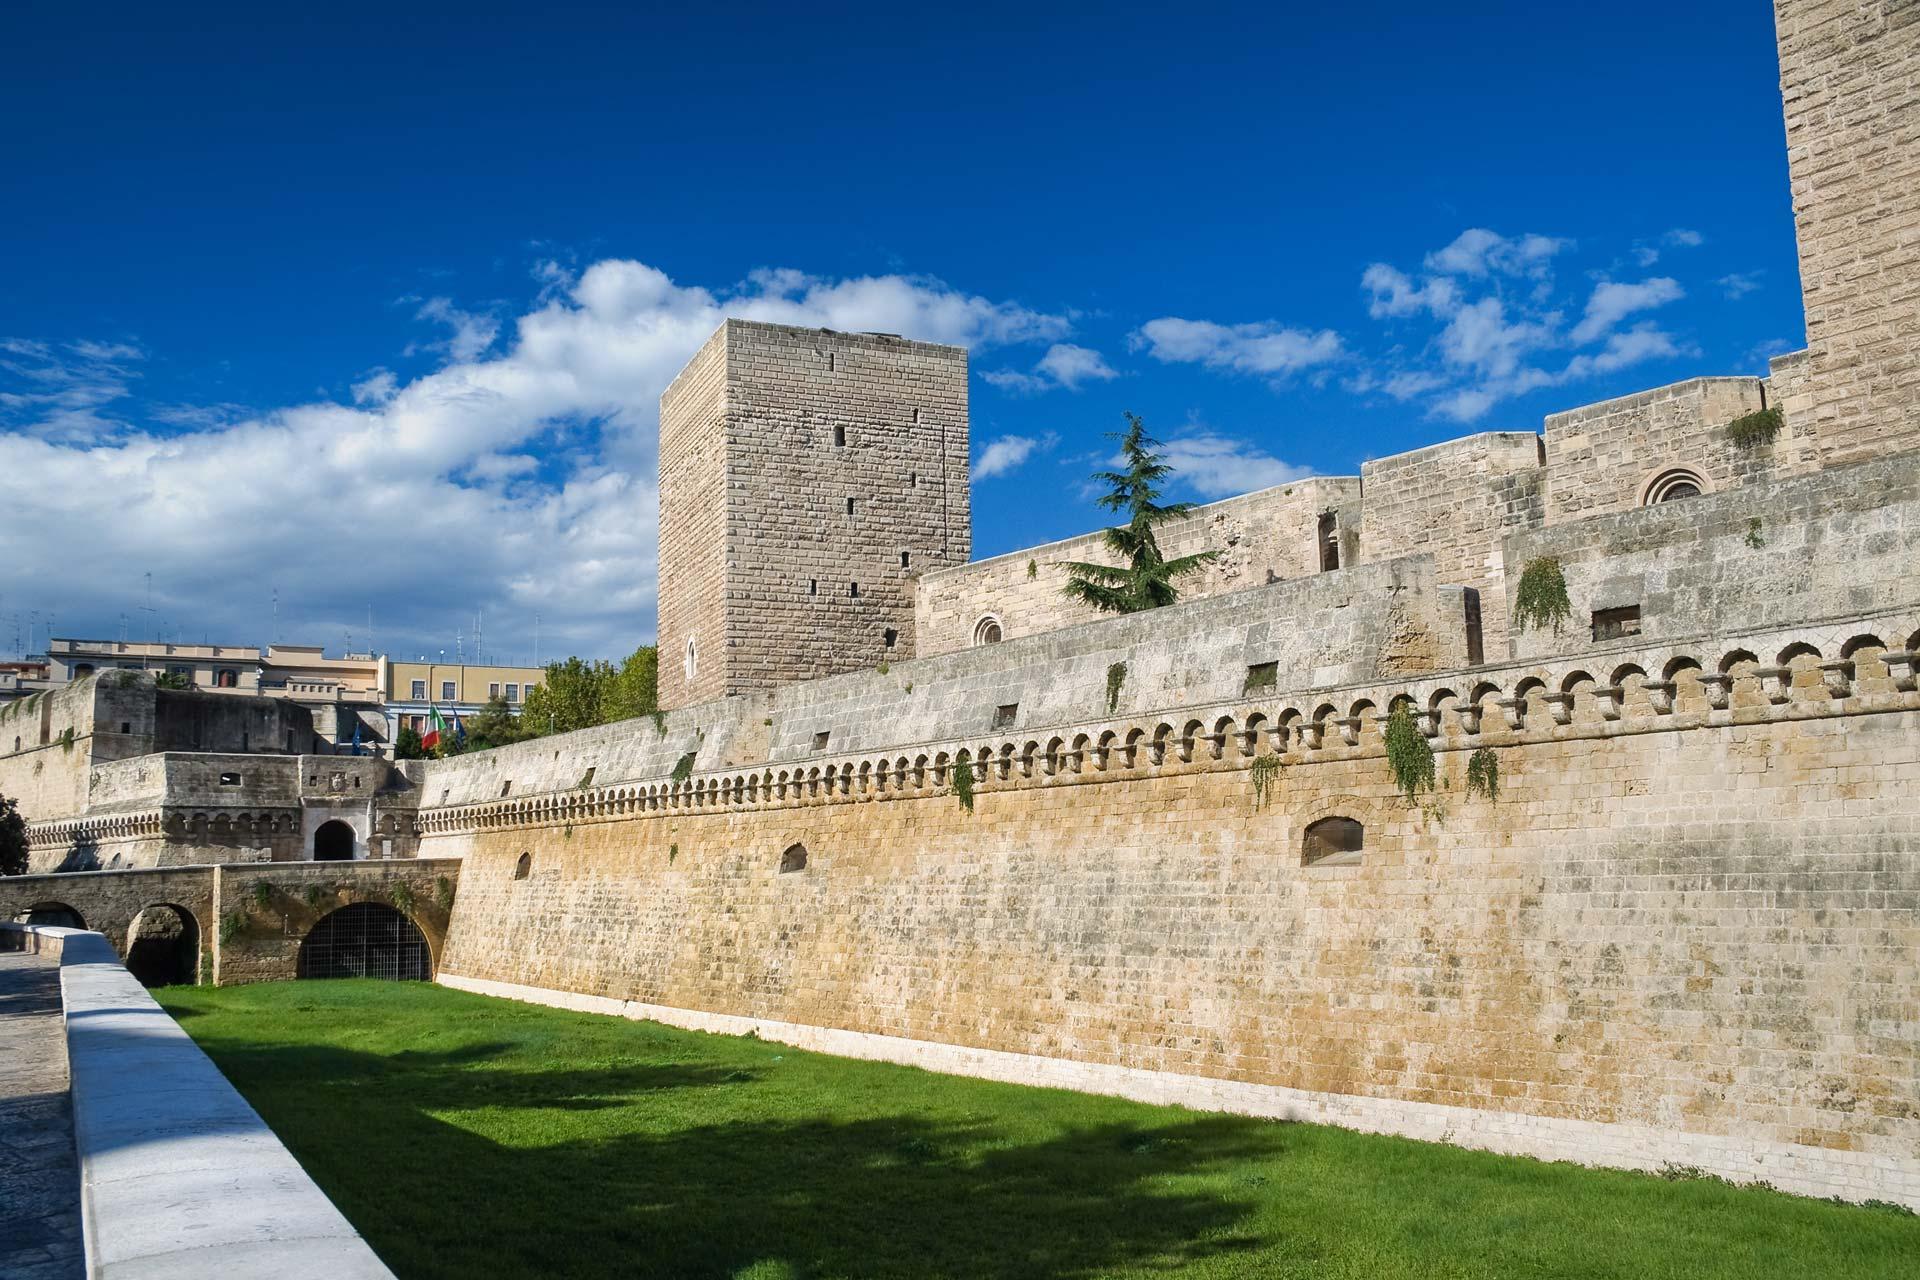 Calendario Serie B Bari.Al Castello Svevo Di Bari La Presentazione Del Calendario